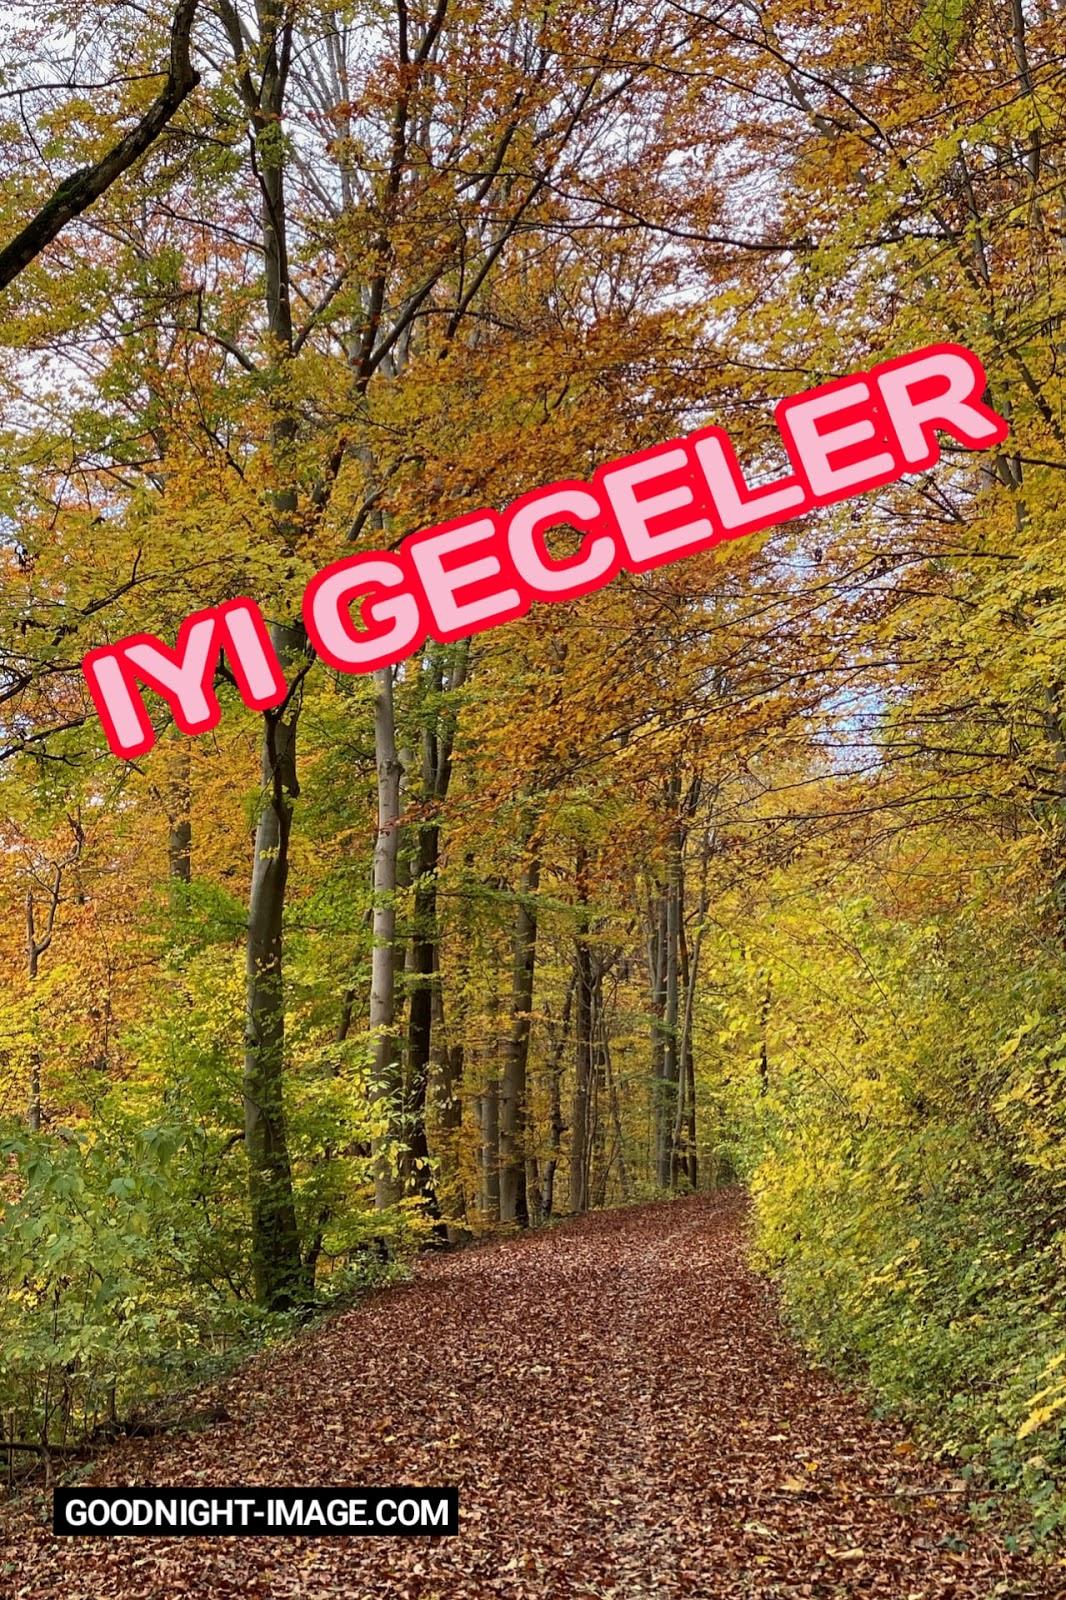 En Iyi Iyi Geceler Mesajı G 246 R 252 Nt 252 Leri Resimleri Fotoğrafları Goodnight Turkish Good Night Image